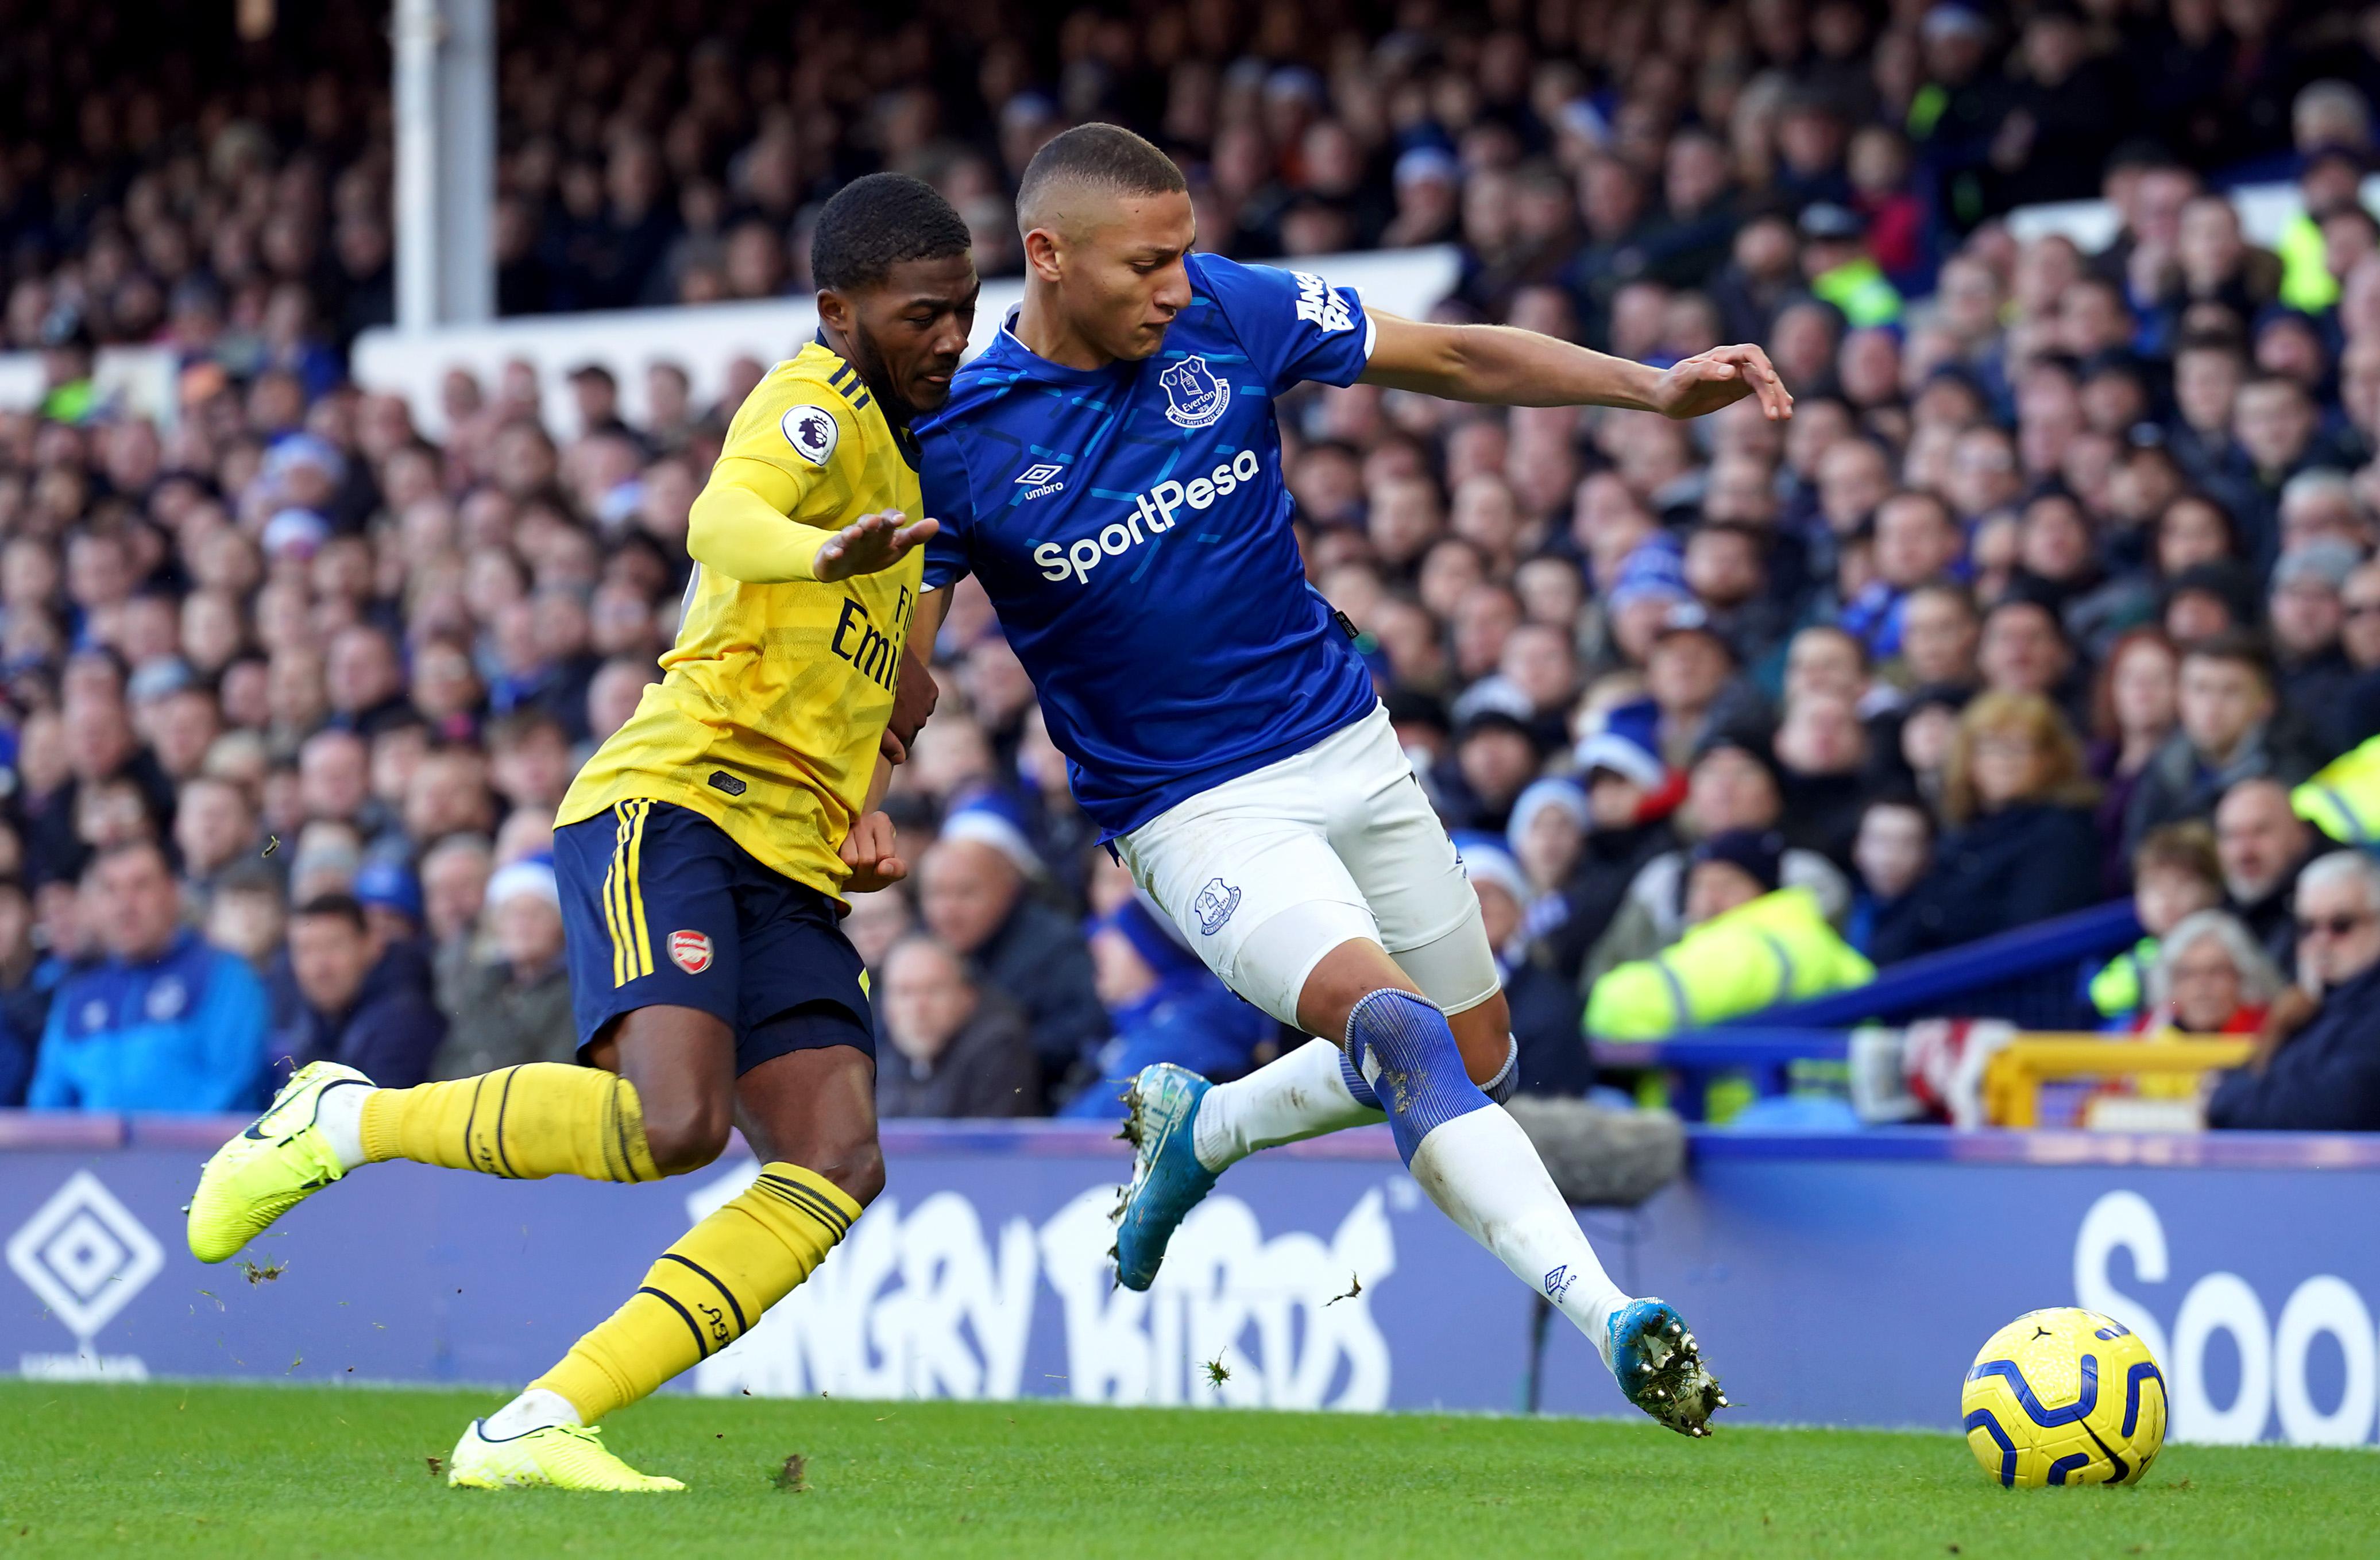 Everton v Arsenal - Premier League - Goodison Park